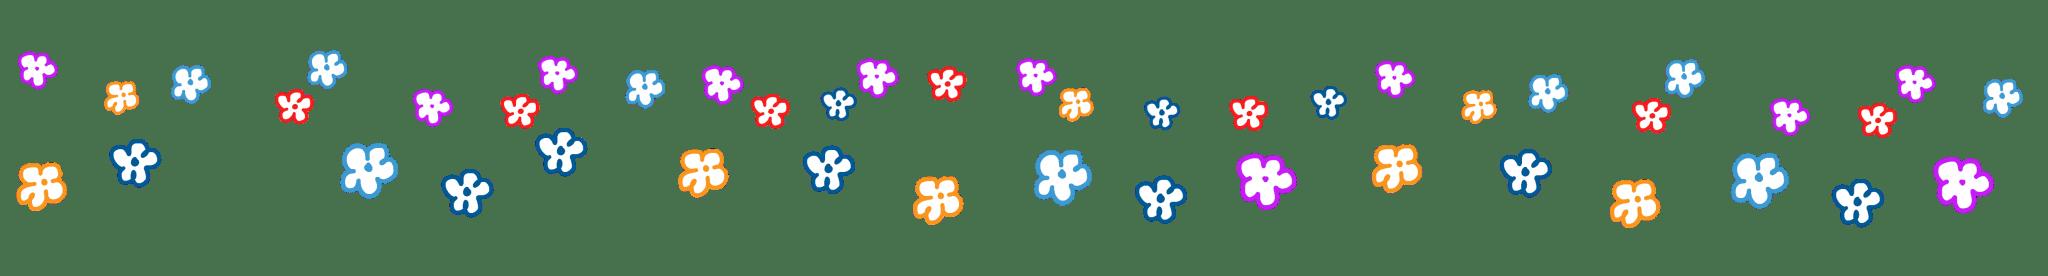 Kitaplatz Kid Zone Blumen - Kita Kid Zone Kinderbetreuung für 0-3 Jahre in Jersbek